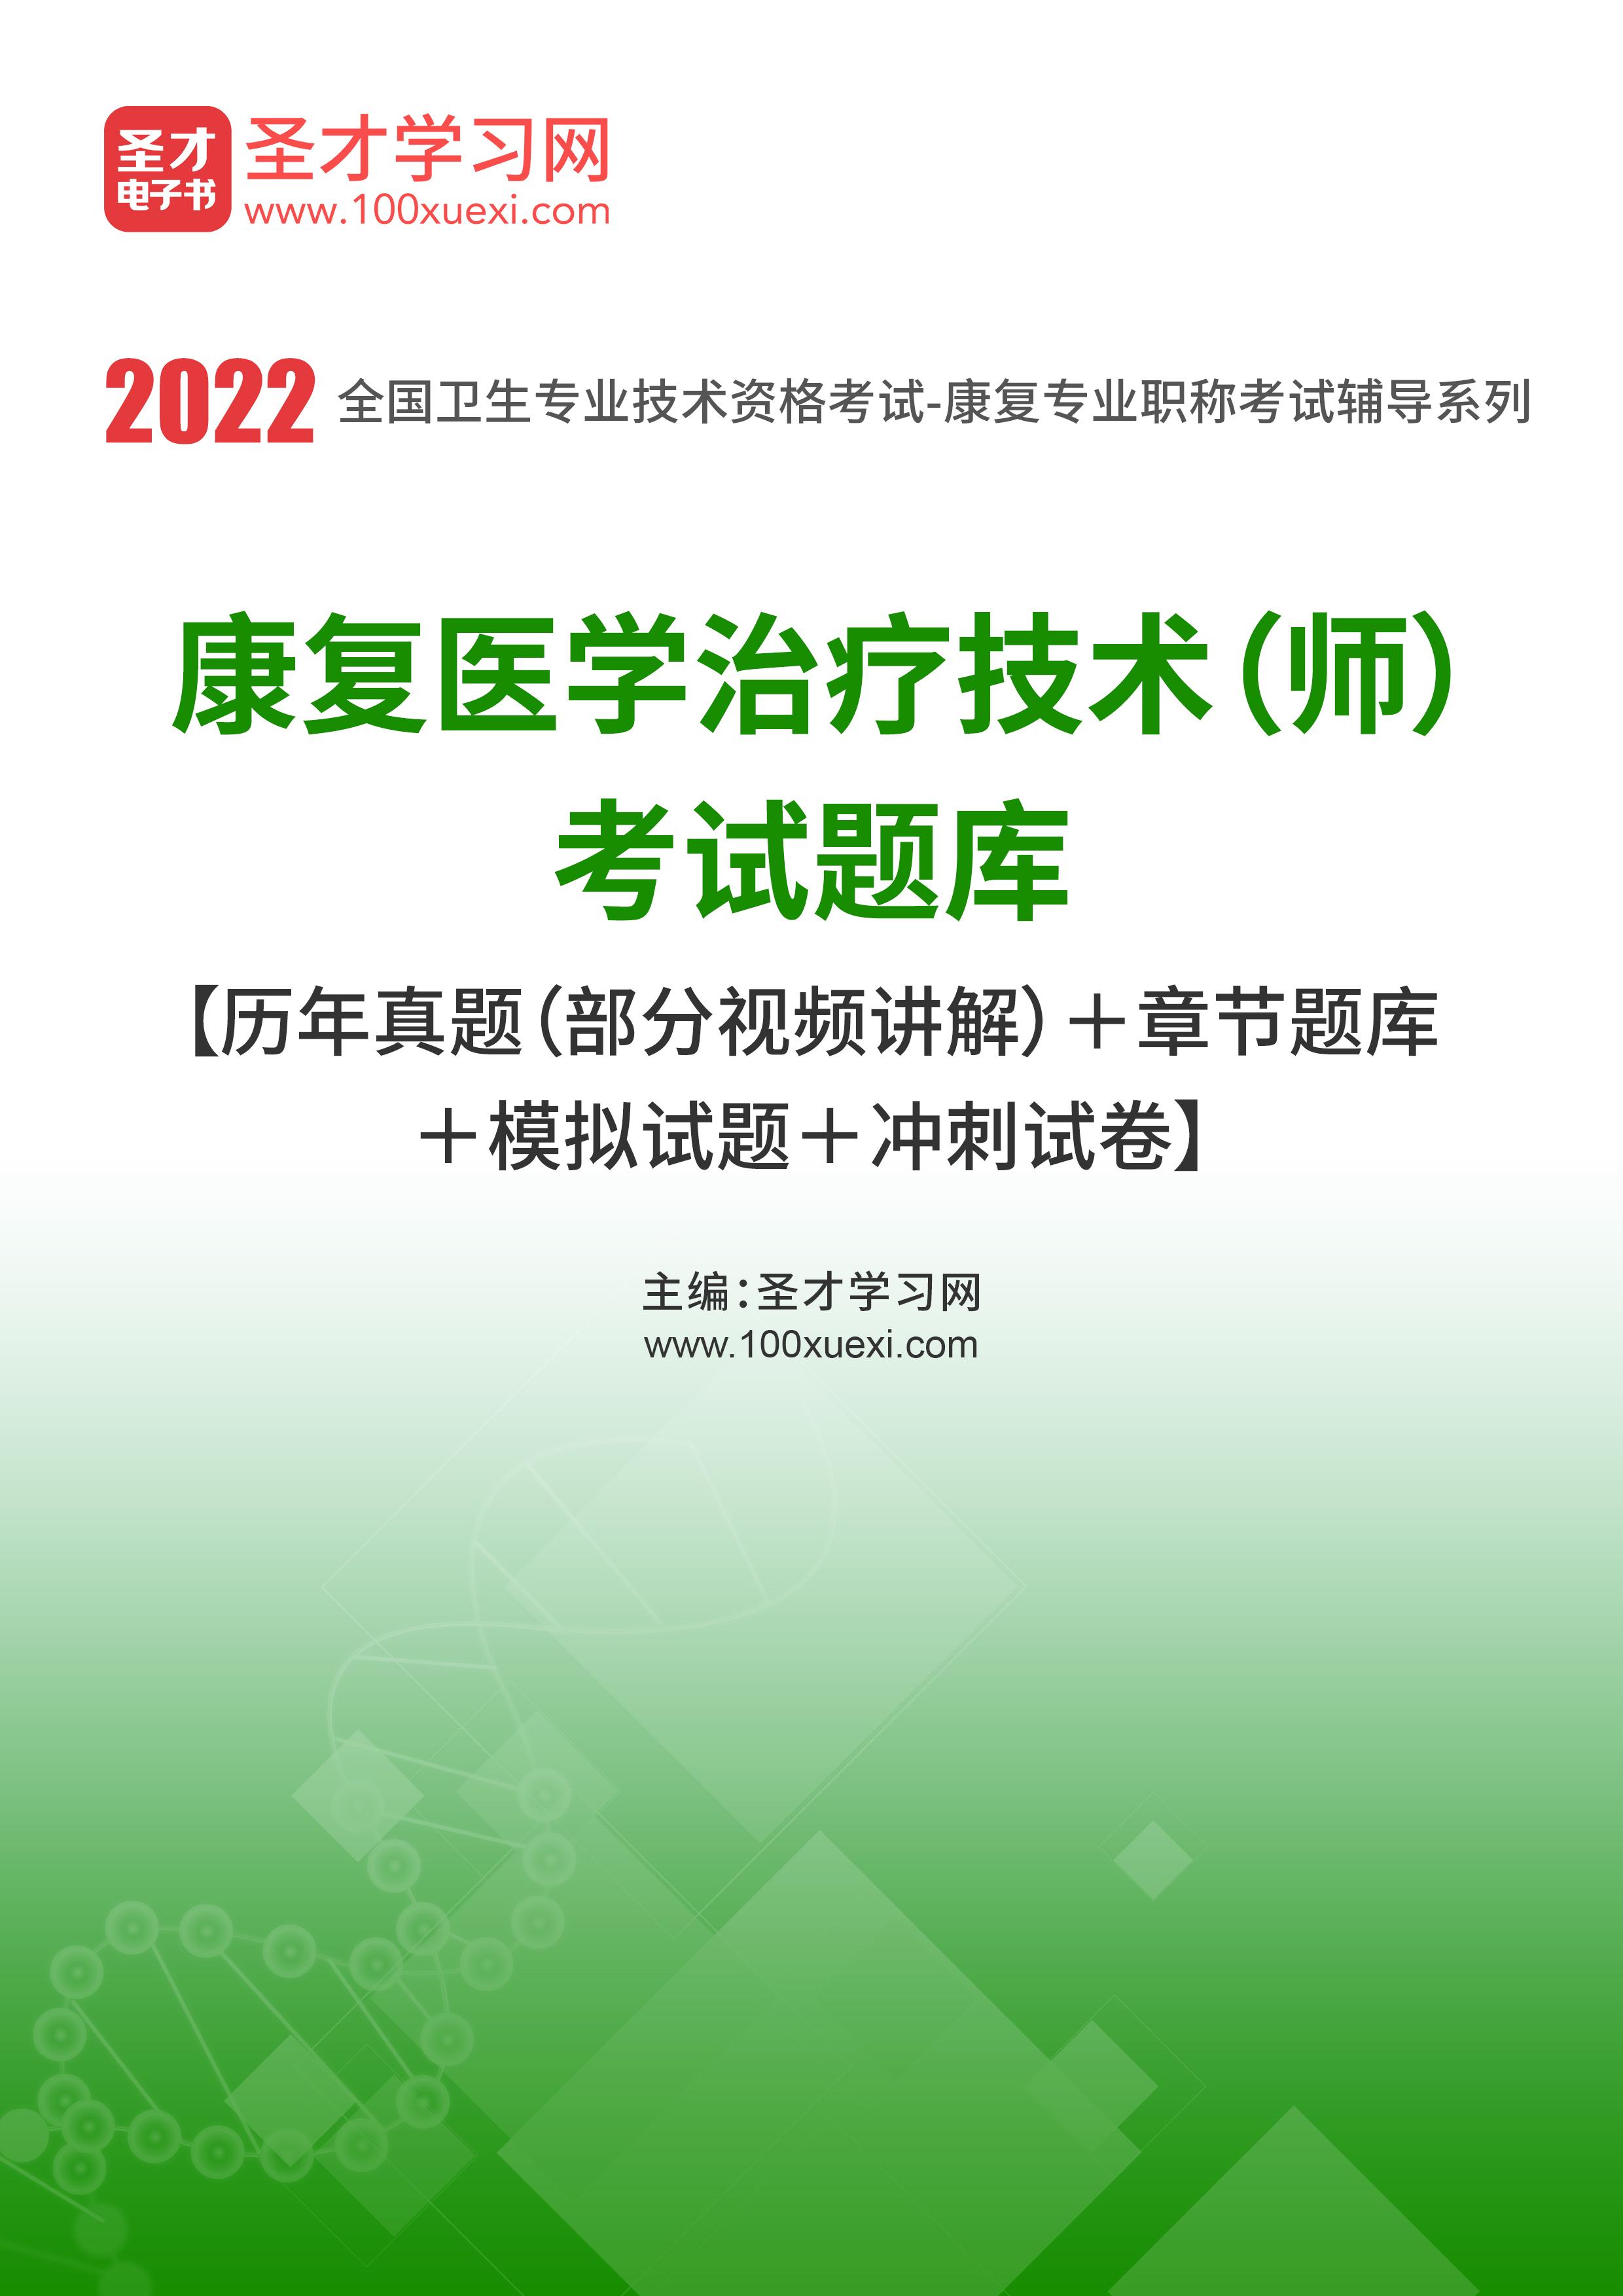 2021年康復醫學治療技術(師)考試題庫【歷年真題(部分視頻講解)+章節題庫+模擬試題】